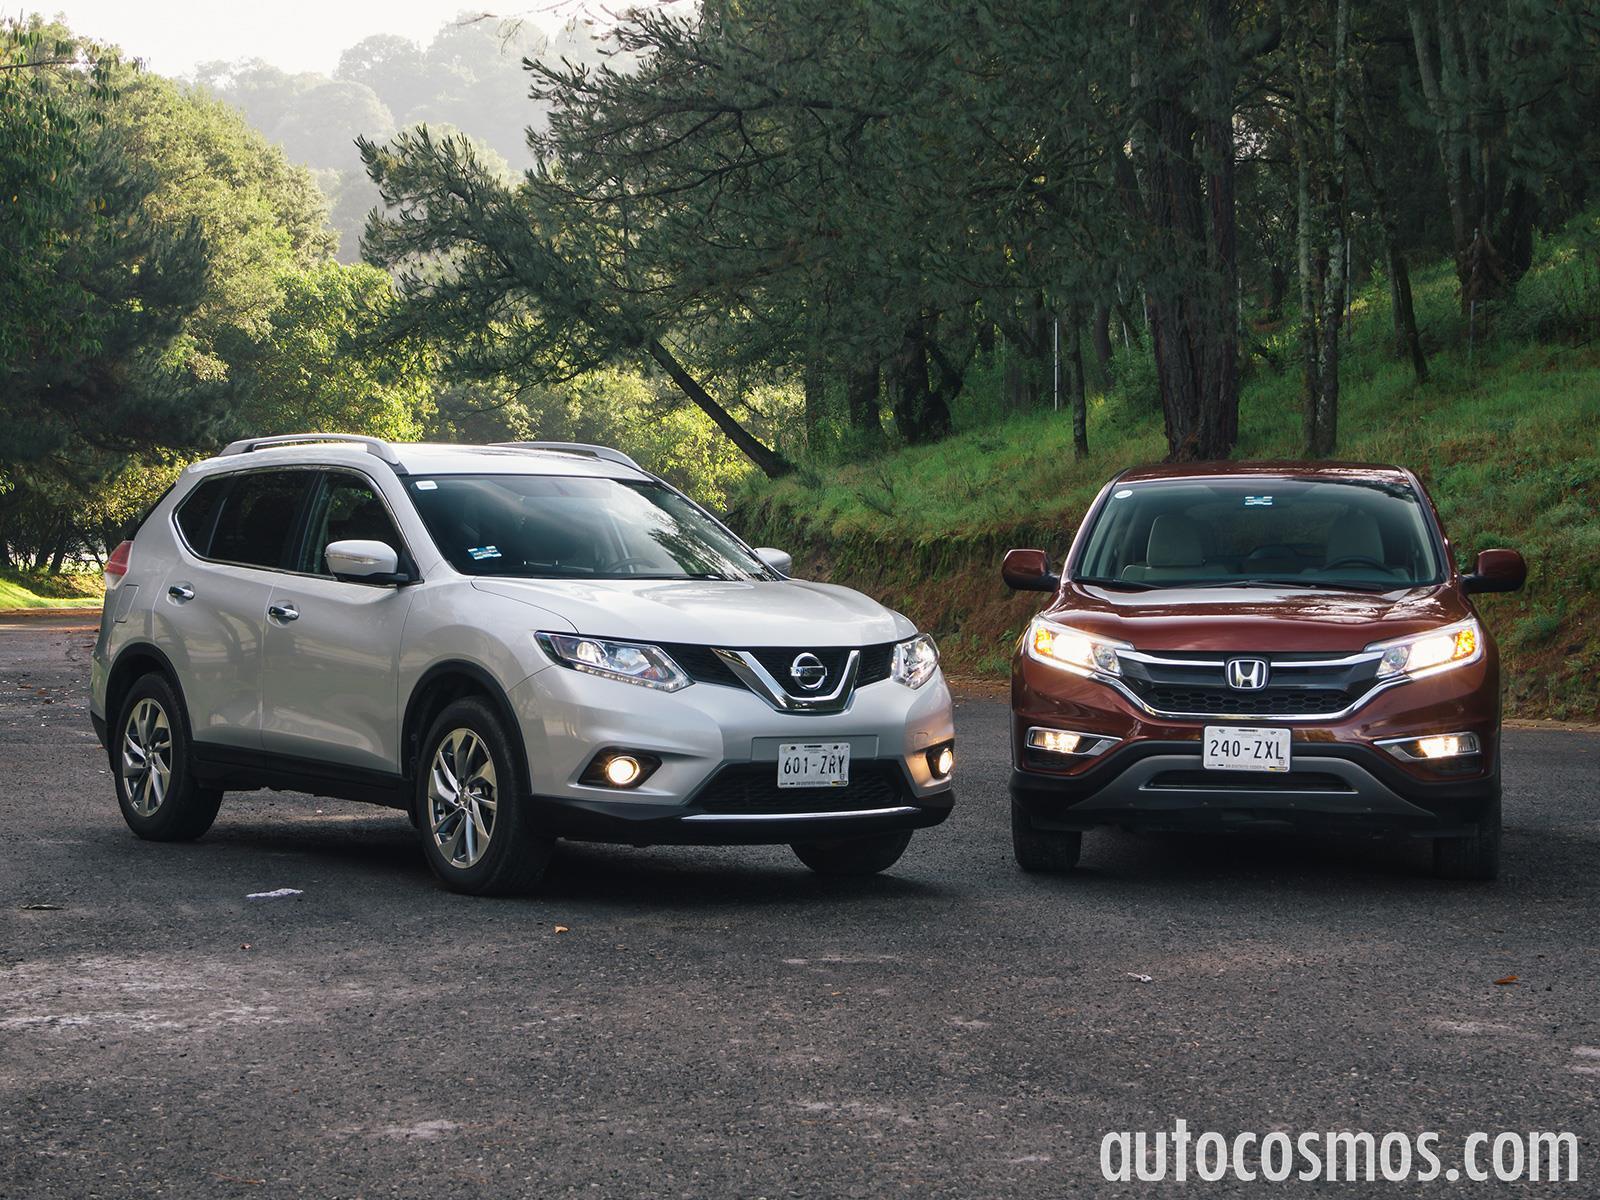 Honda CR-V 2015 vs Nissan X-Trail 2015 - Autocosmos.com